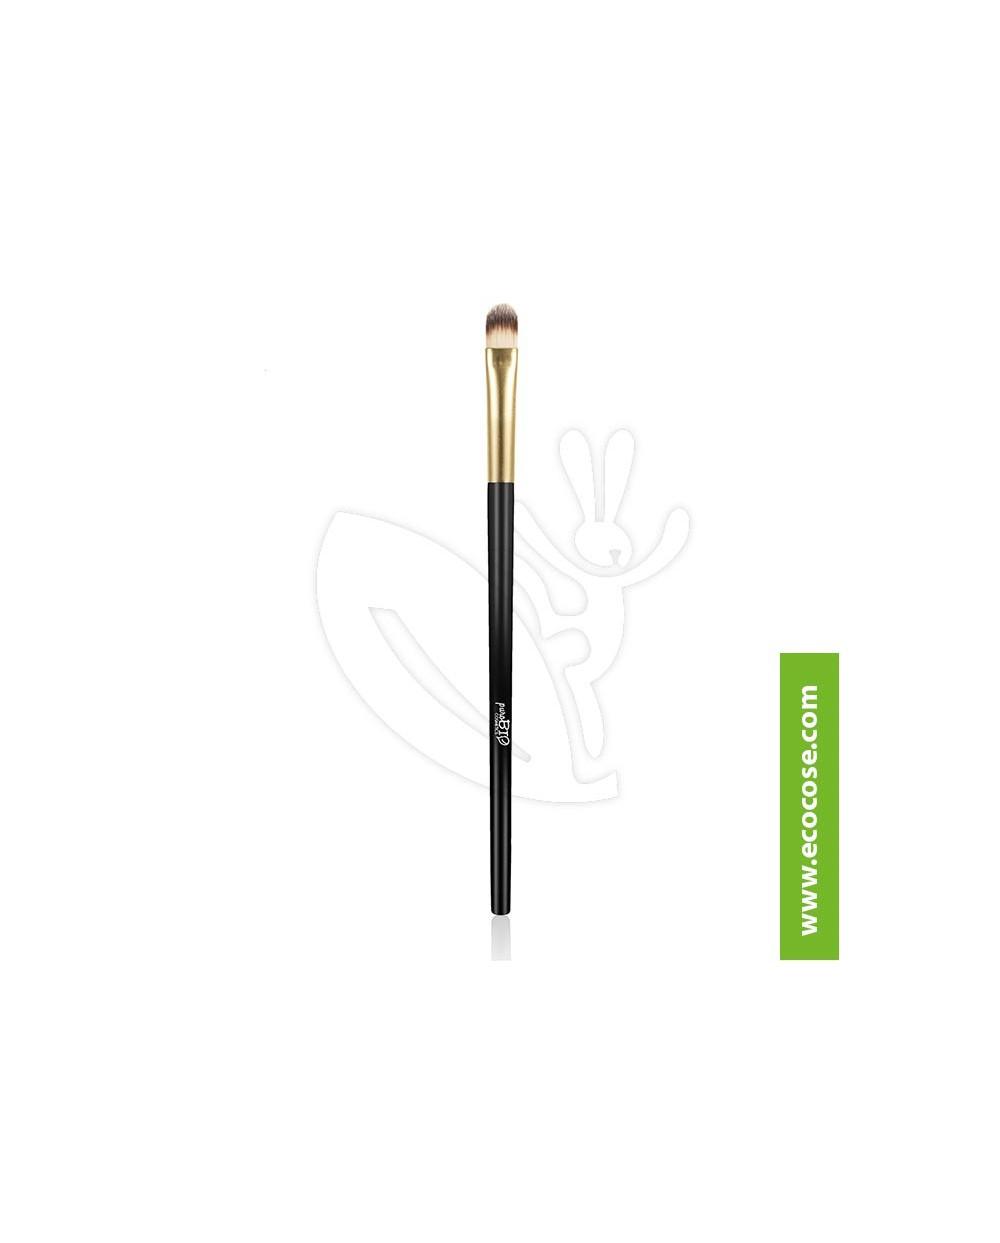 PuroBIO Cosmetics - Pennello 07 Ombretto polvere